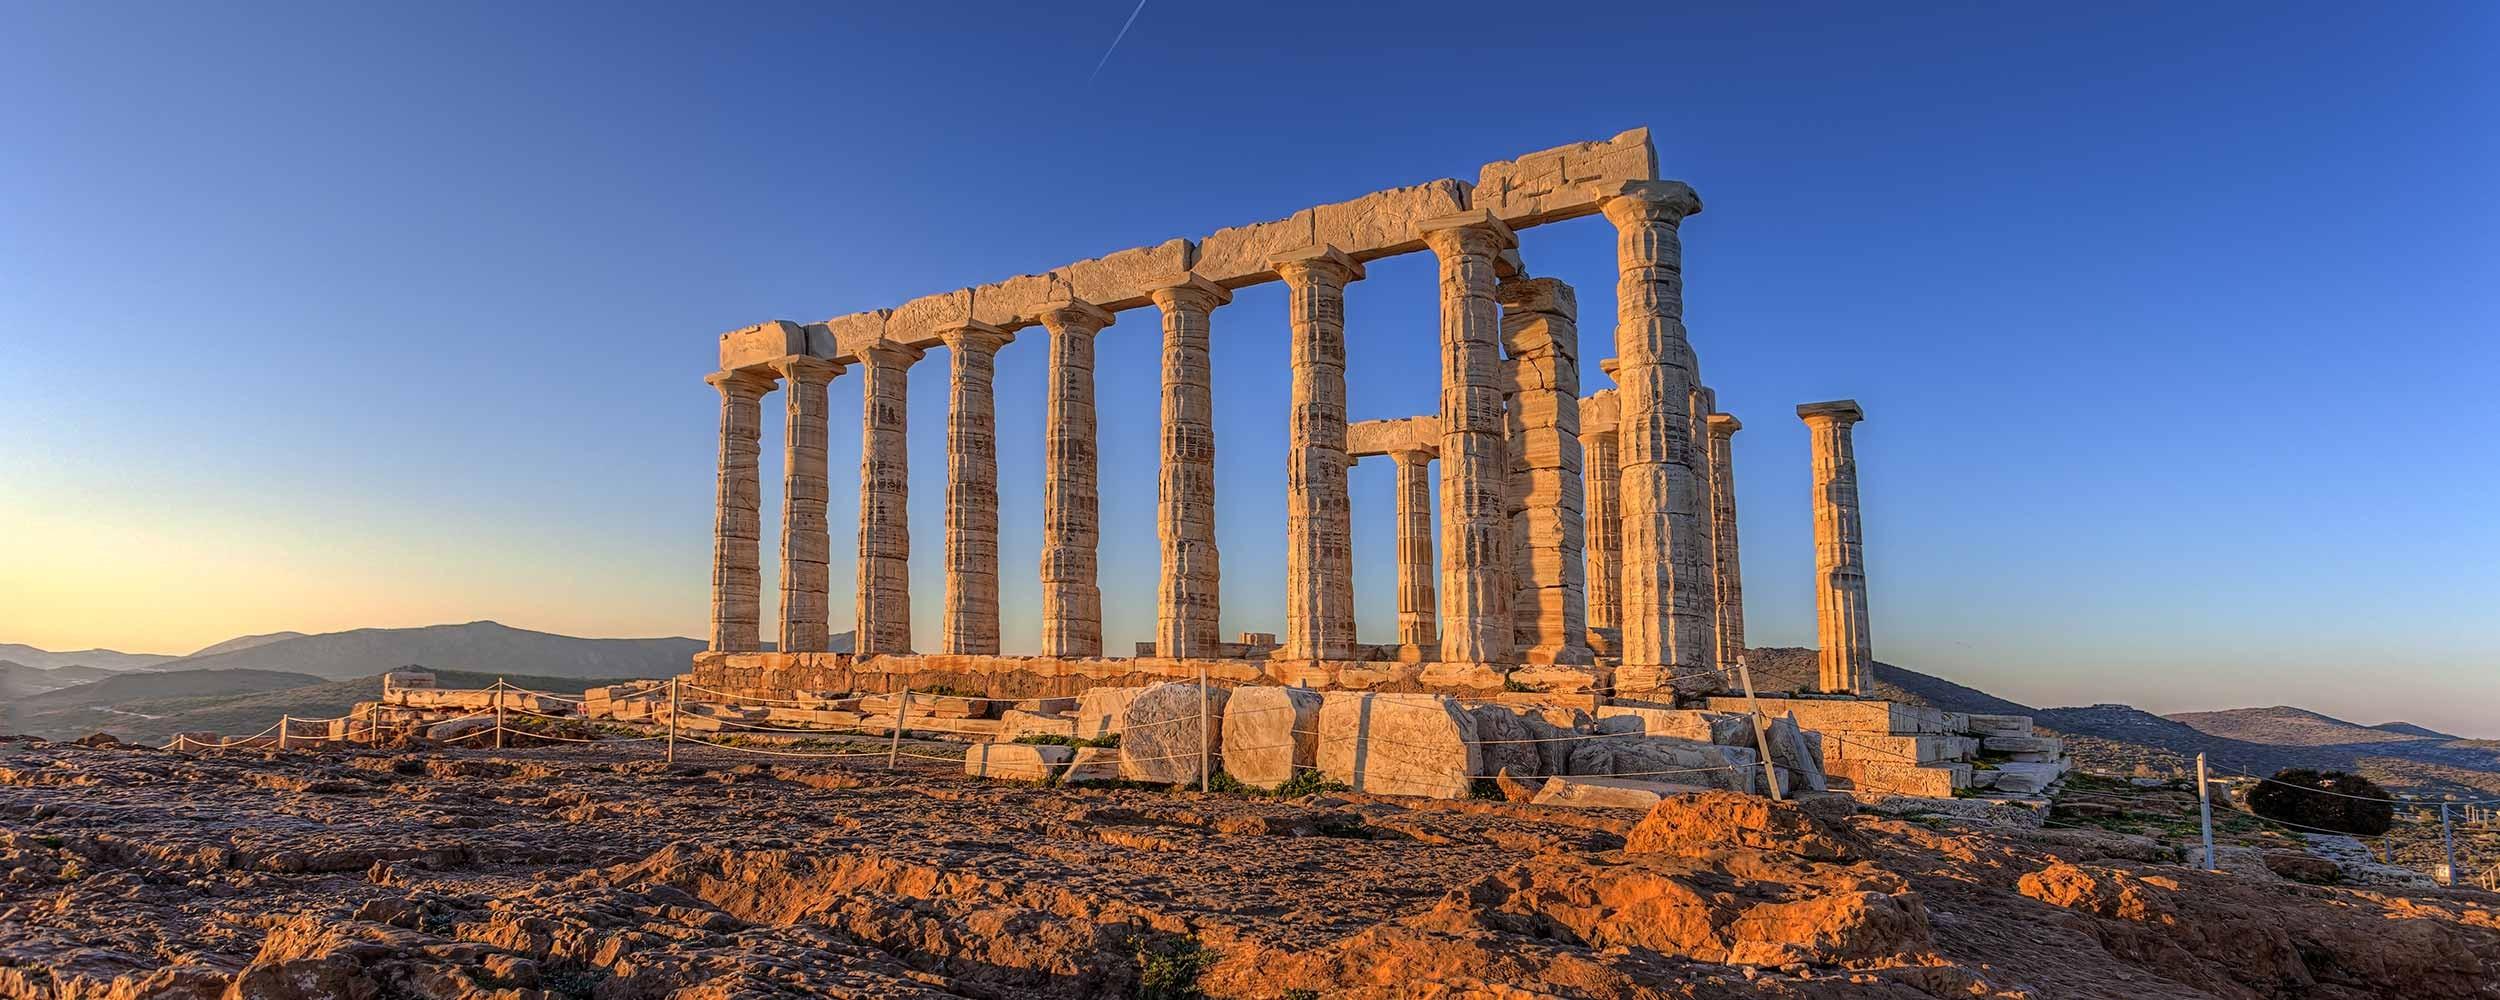 Grèce Cap sounion